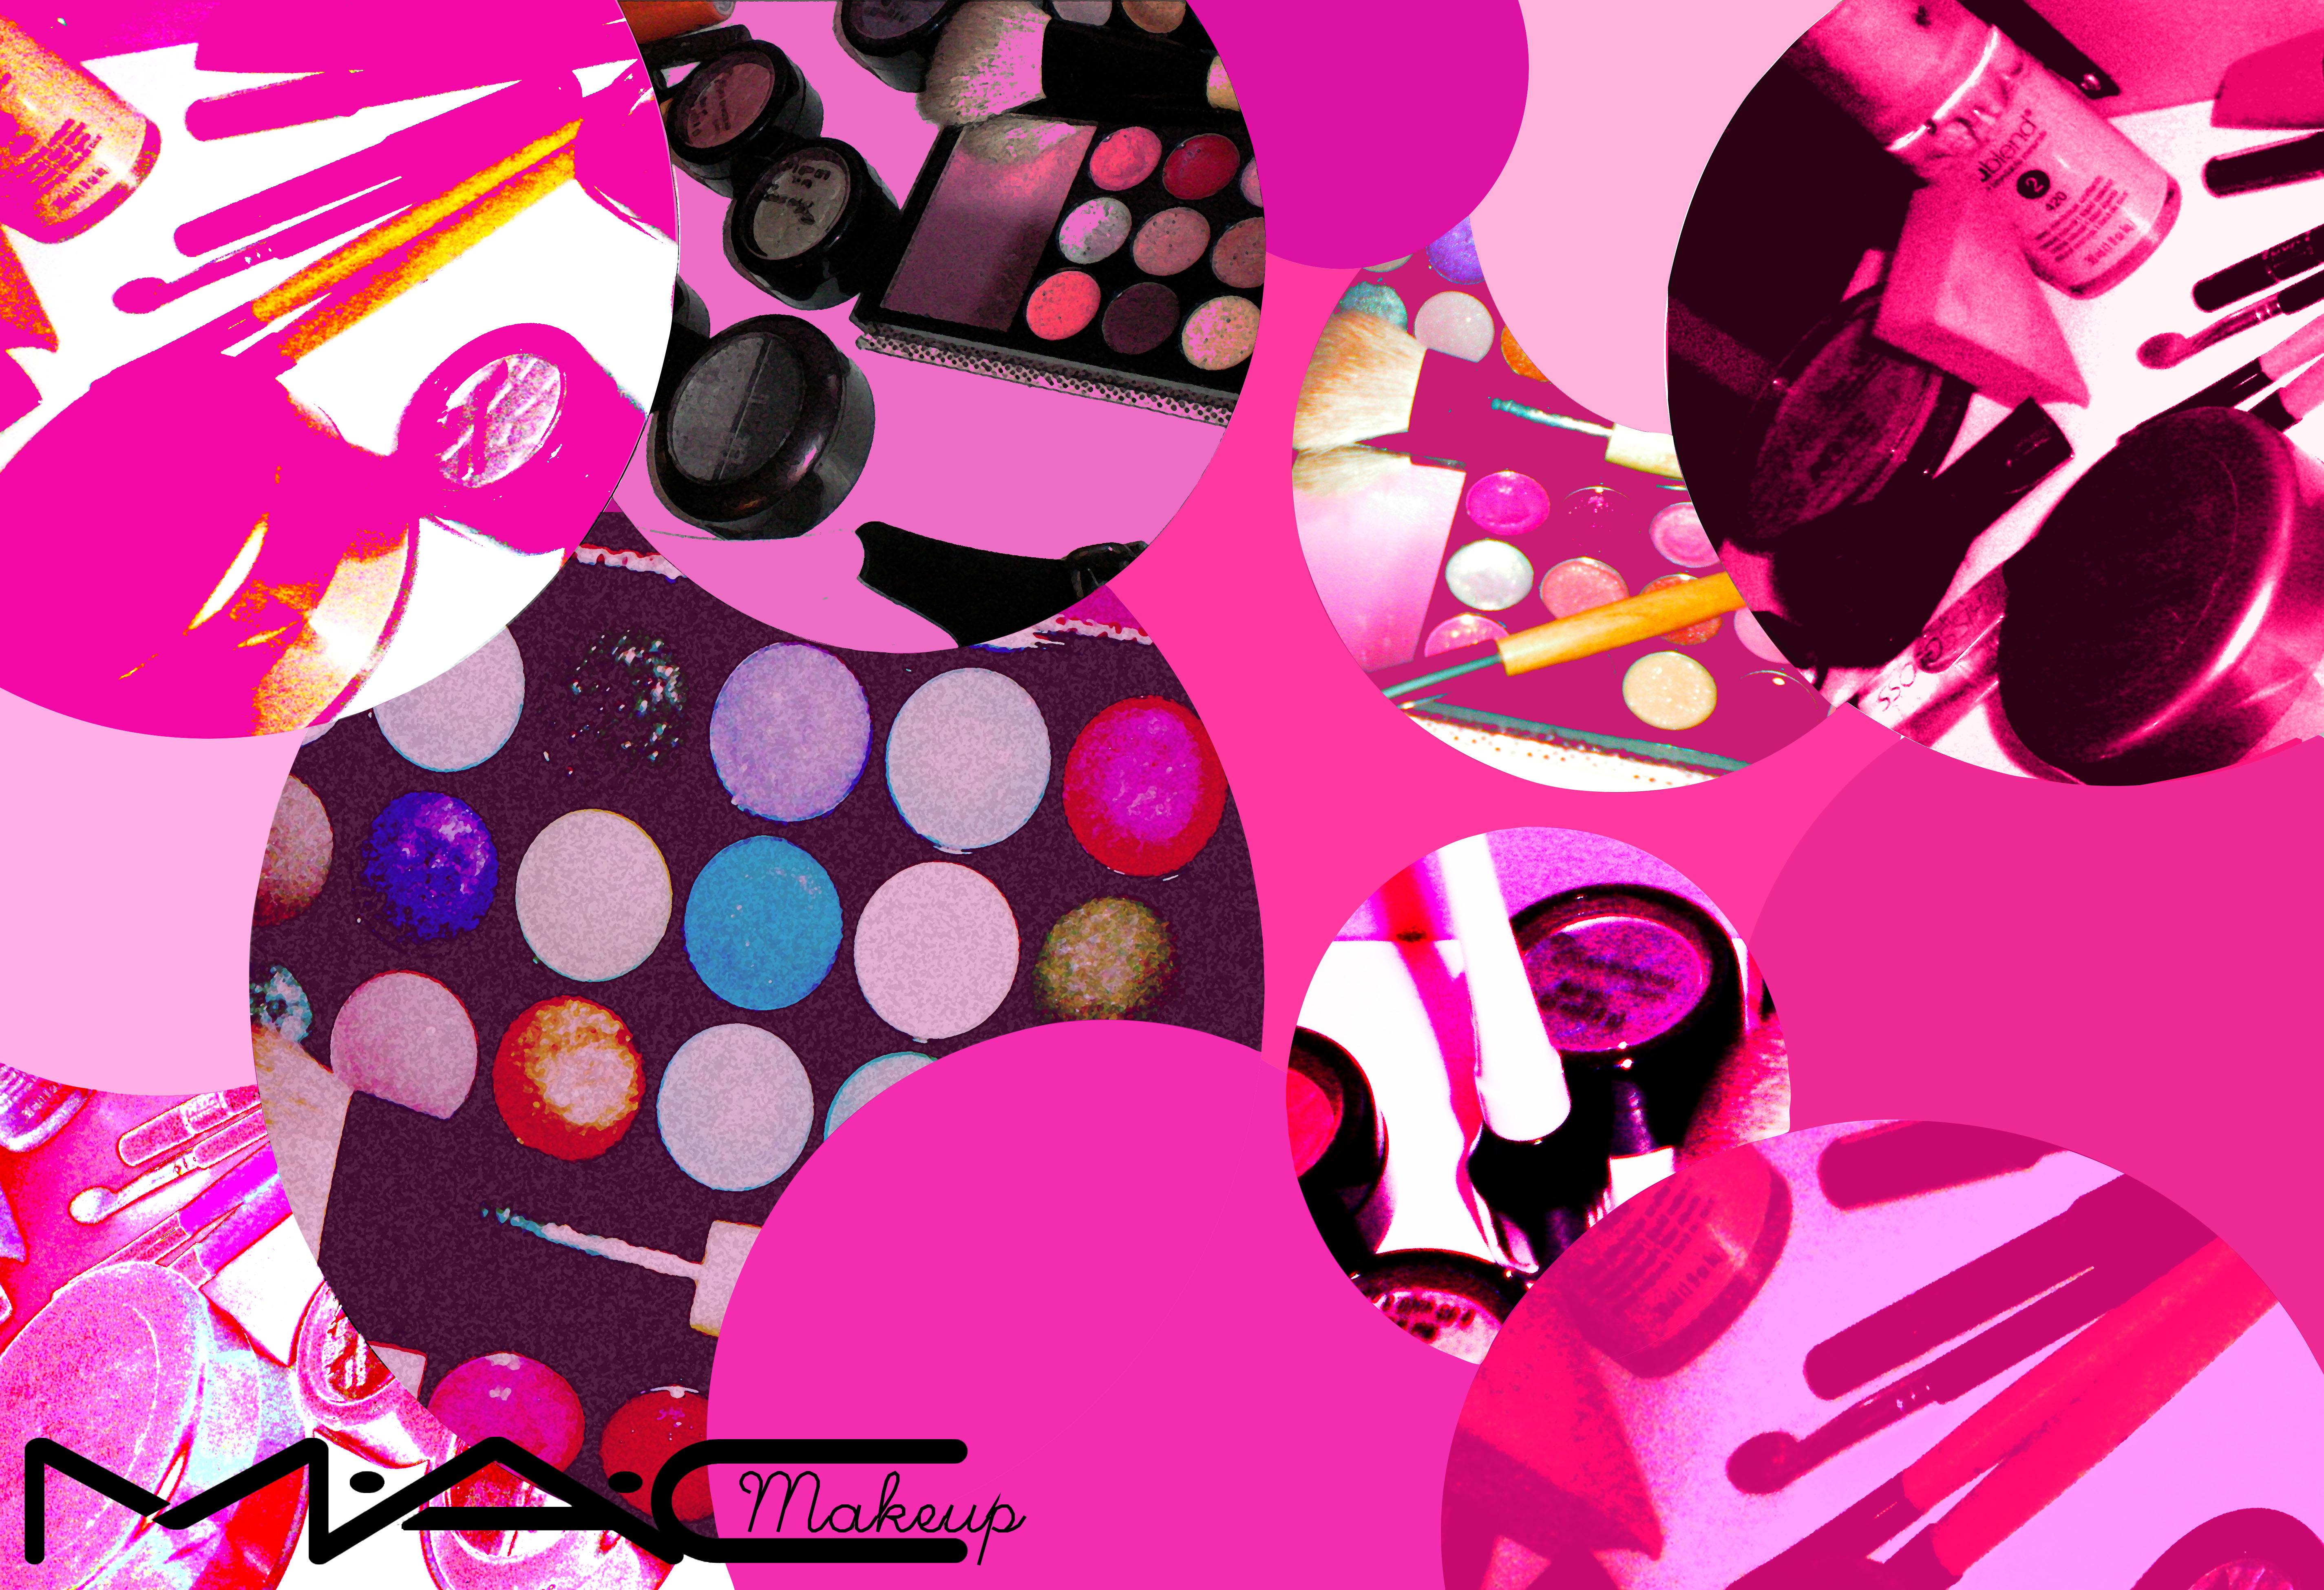 Iphone wallpaper tumblr makeup - Pink Makeup Background Modes Of The Makeup And